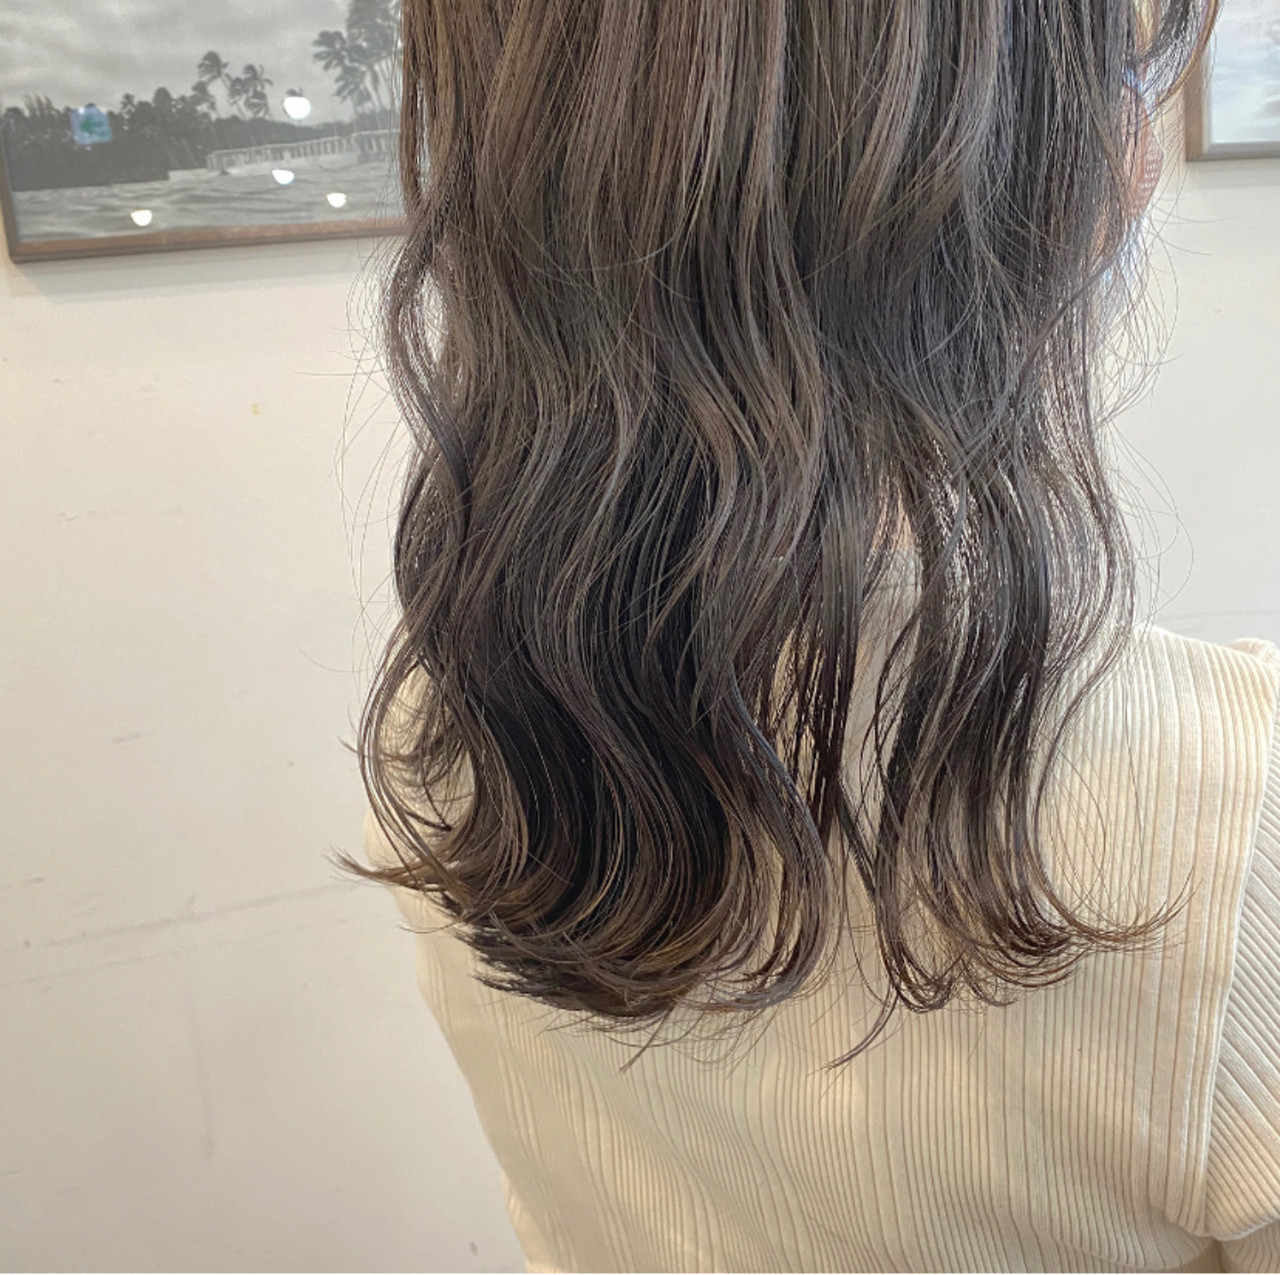 グレージュ セミロング ナチュラル 暗髪女子 ヘアスタイルや髪型の写真・画像